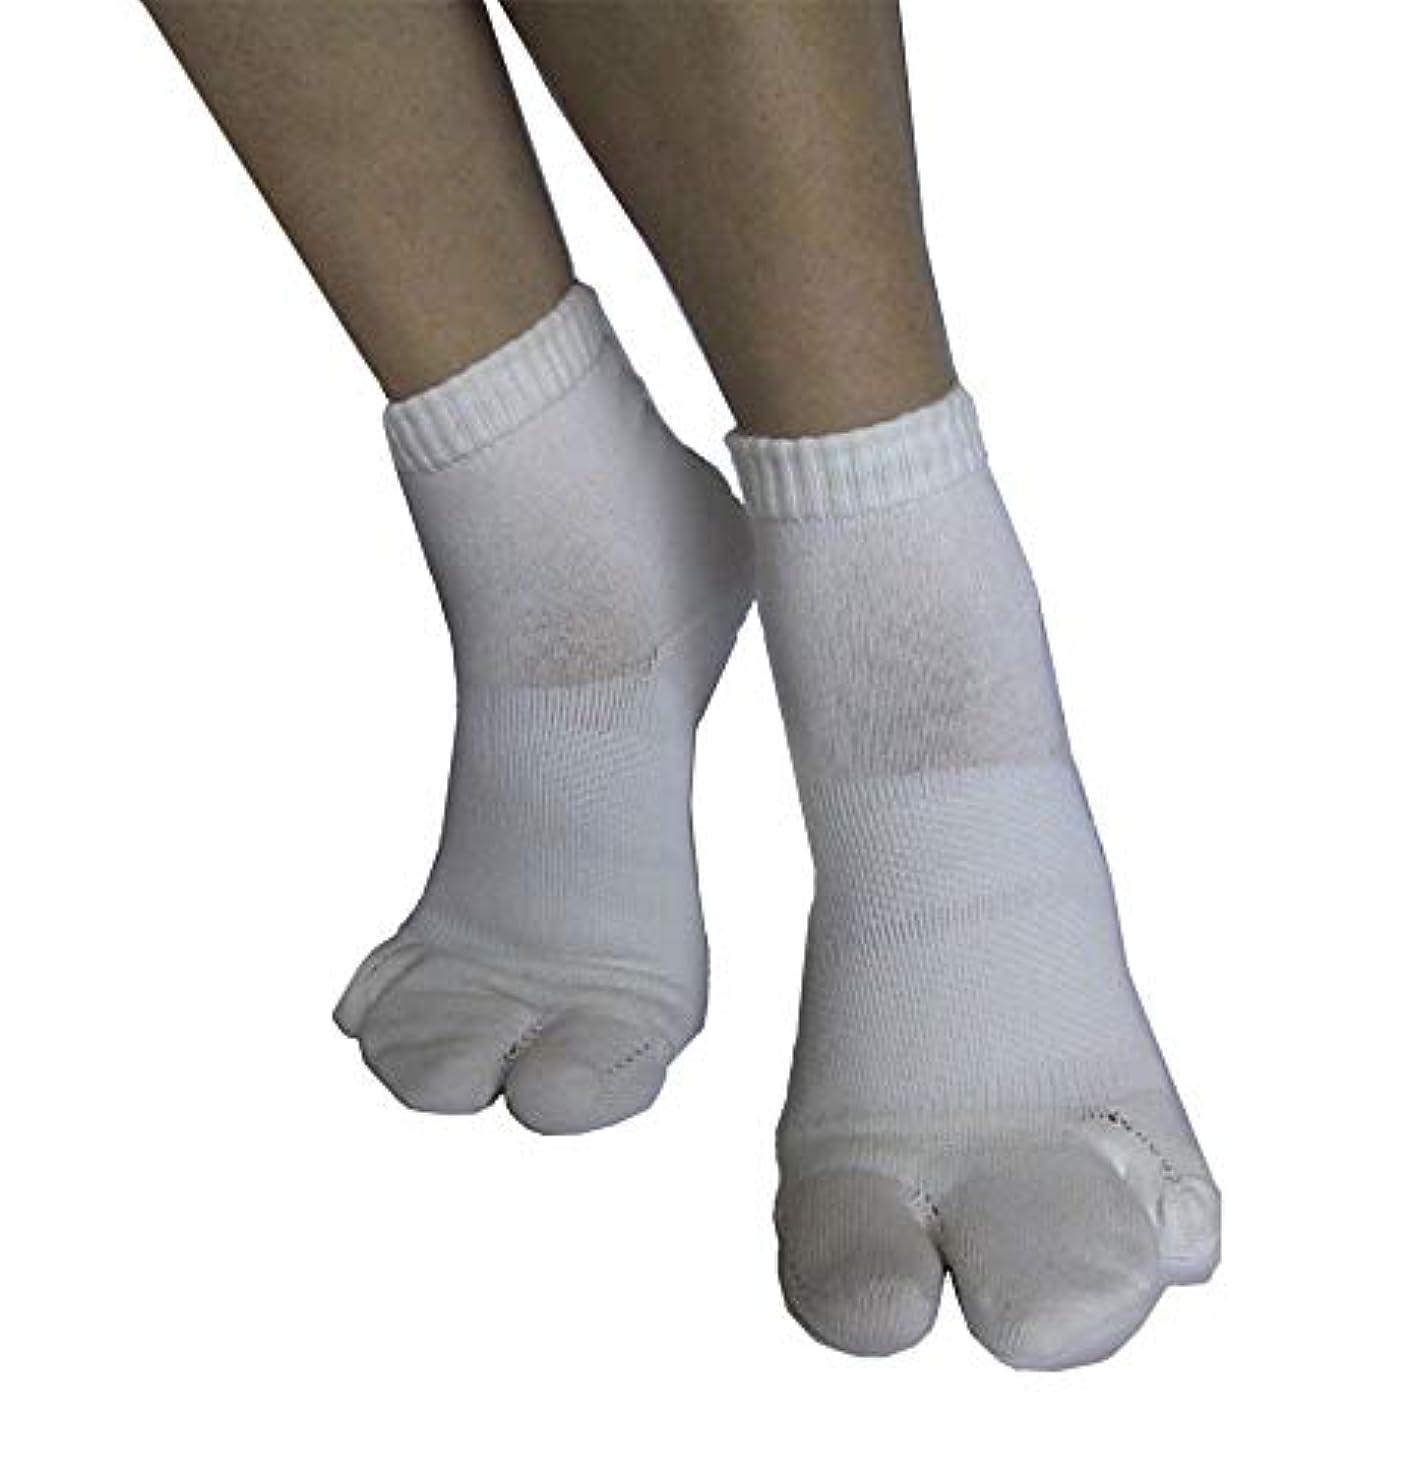 追い付く抵抗力がある事務所カサハラ式サポーター ホソックス3本指テーピング靴下  ホワイト L25-26cm